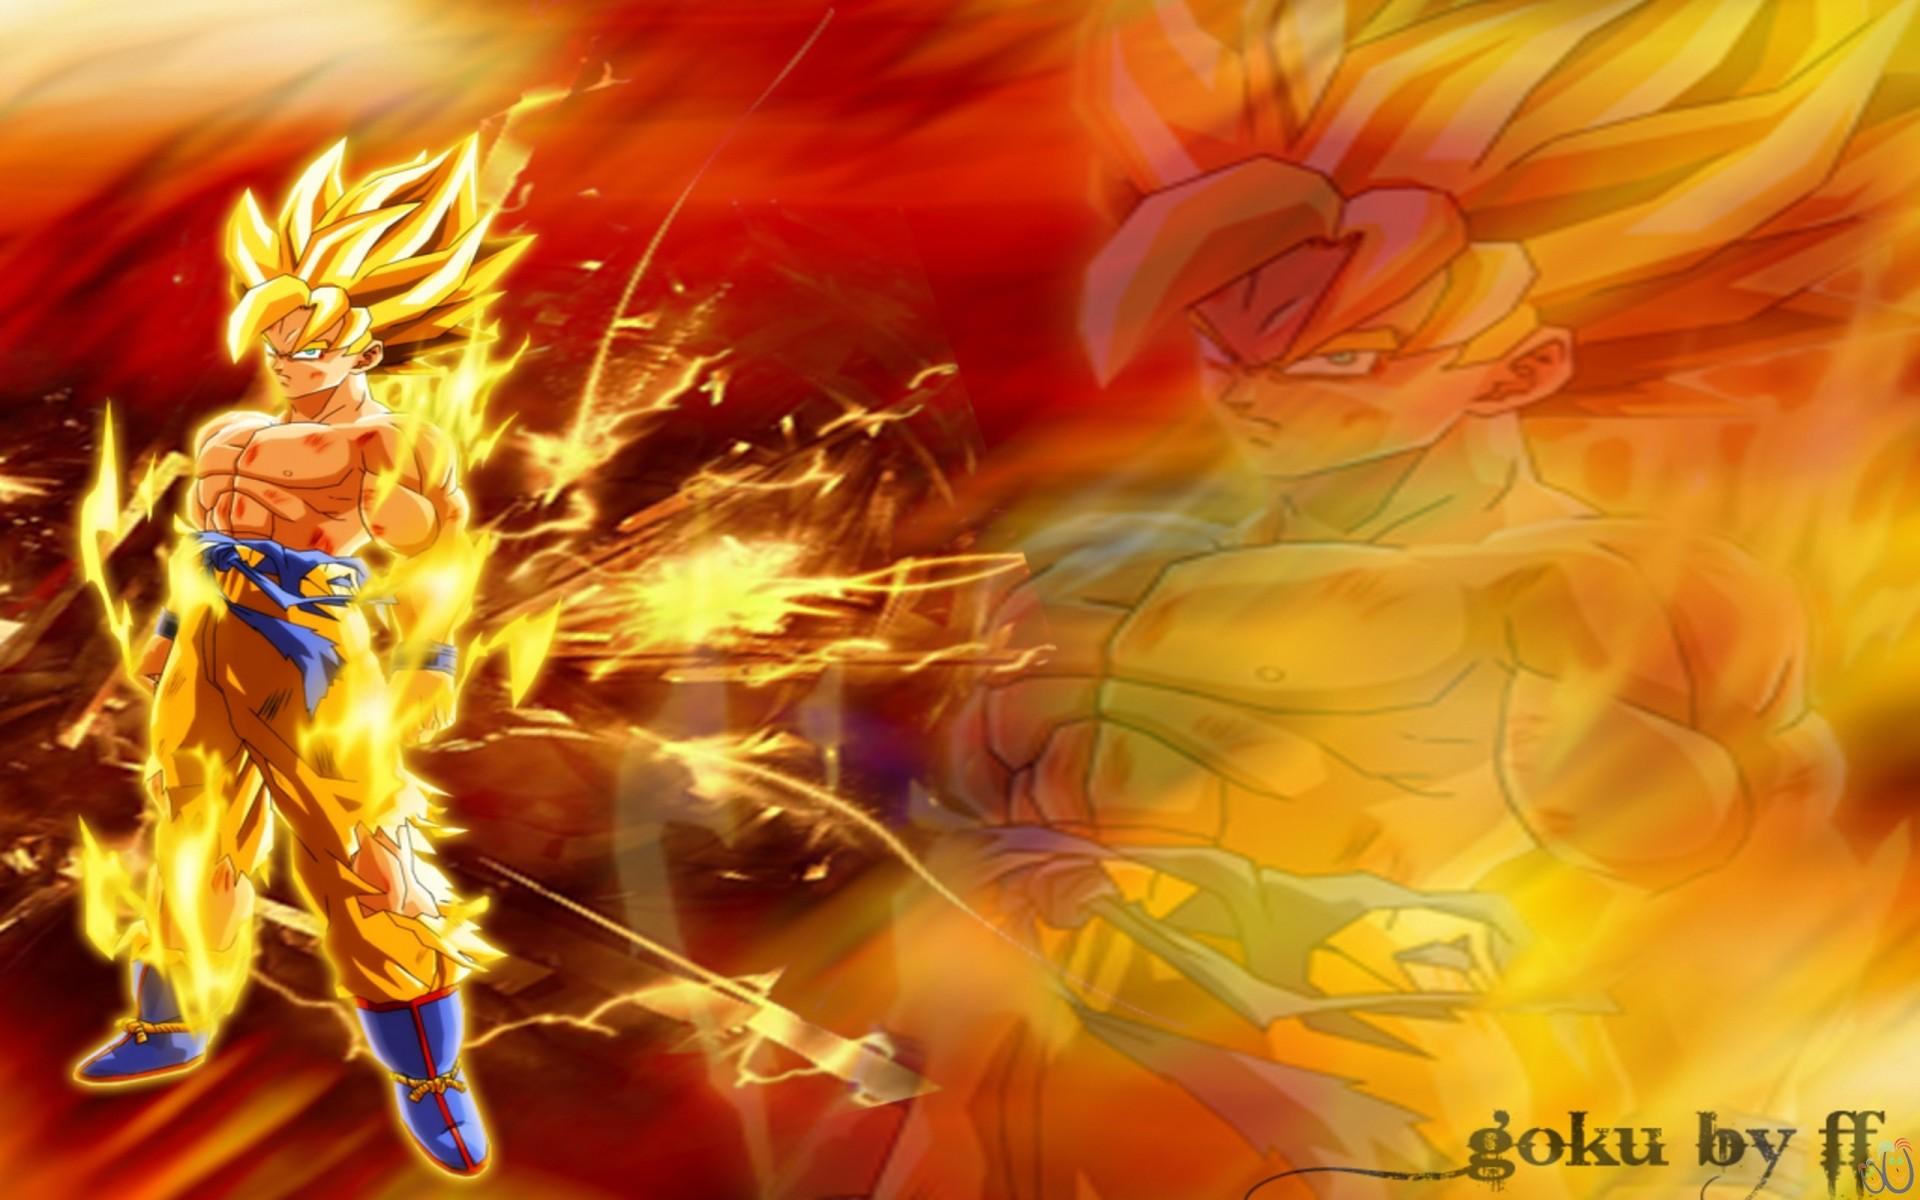 Cool Dragon Ball Z Goku Wallpapers, dragon ball z kai wallpaper .